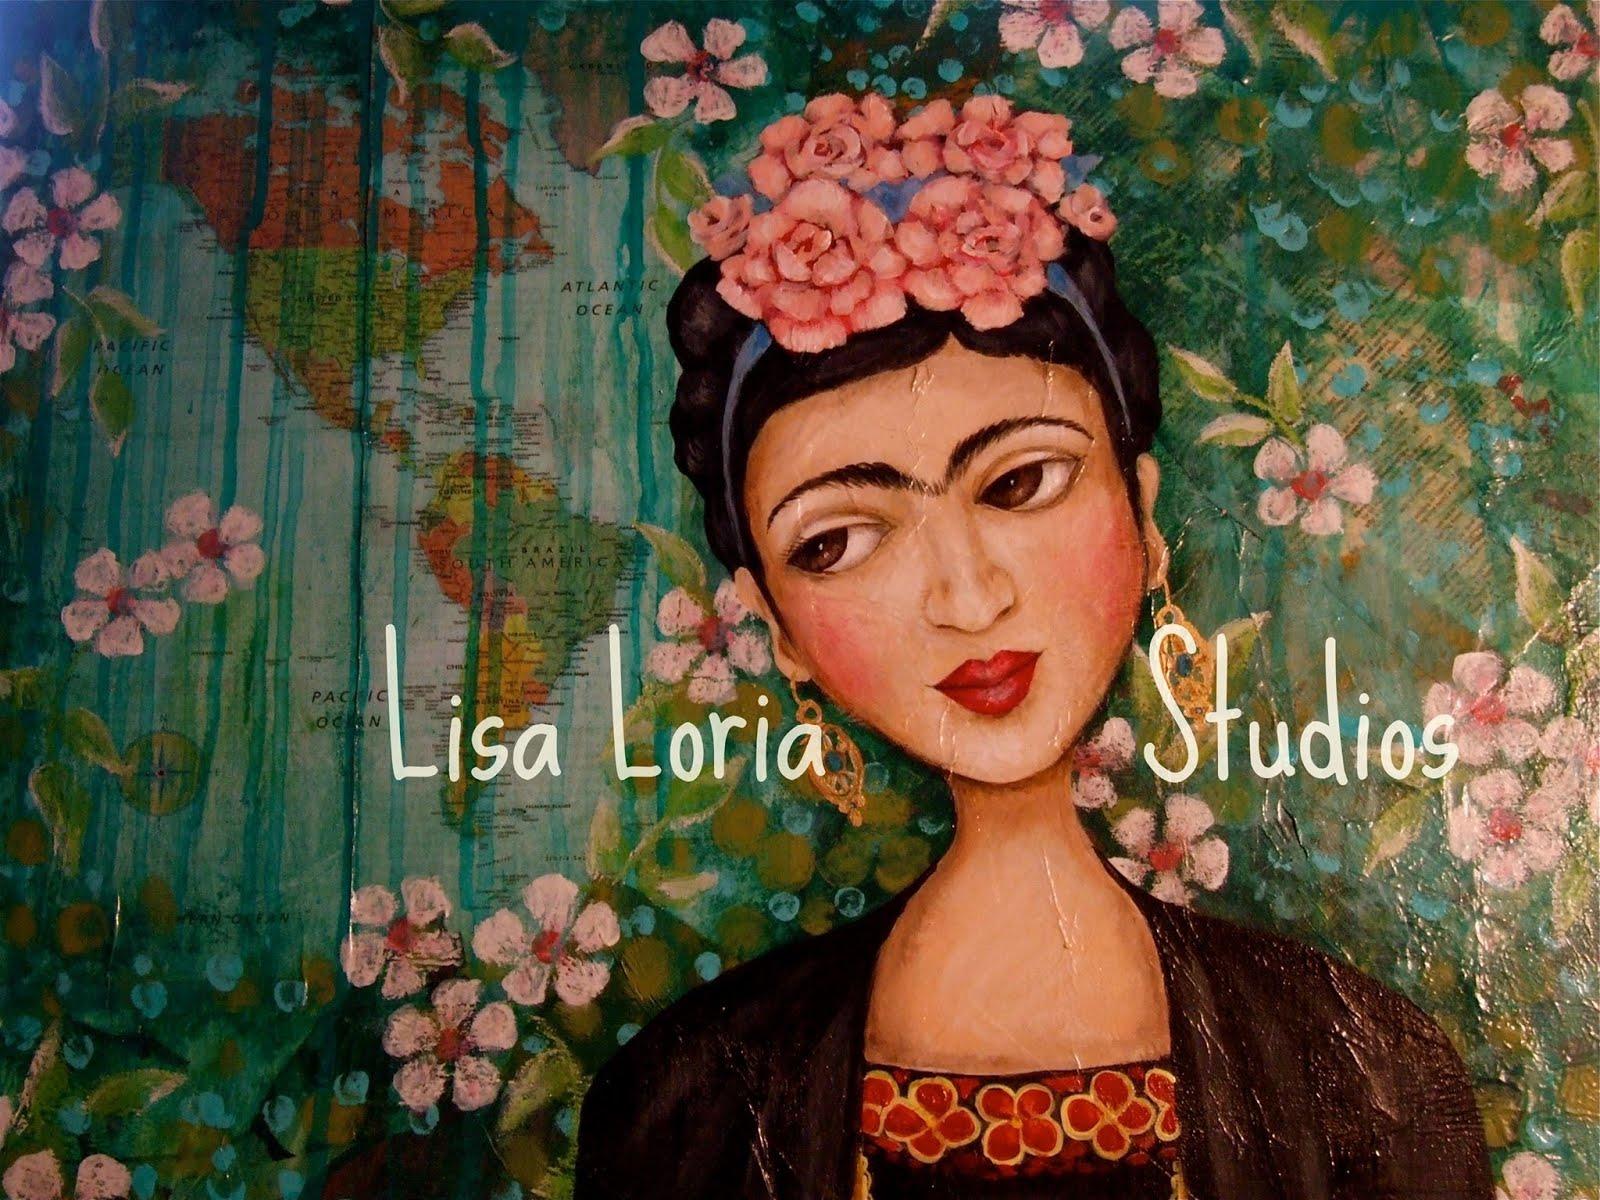 Lisa Loria